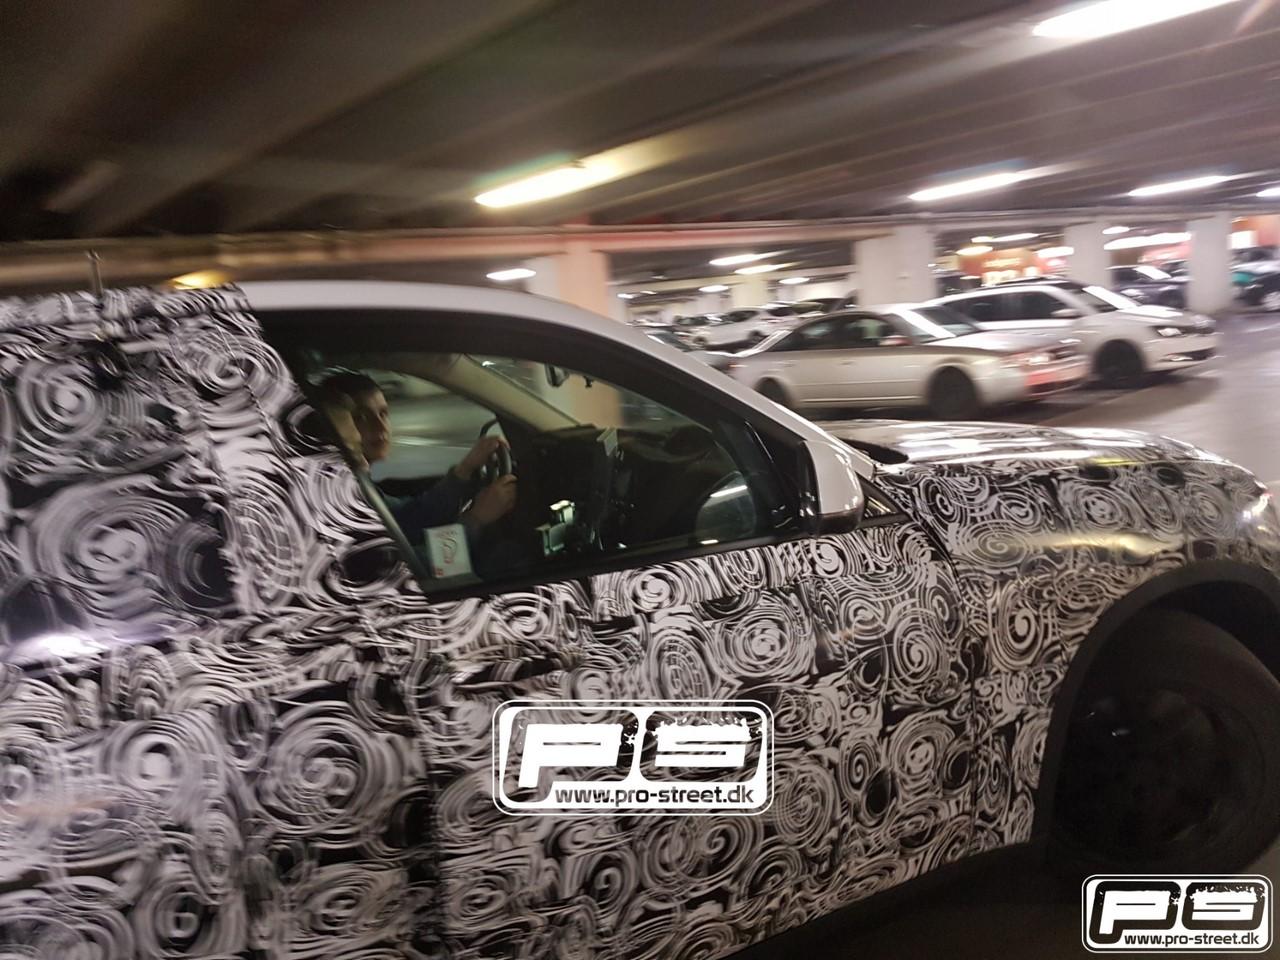 2018 BMW X5 parking lot spy shot